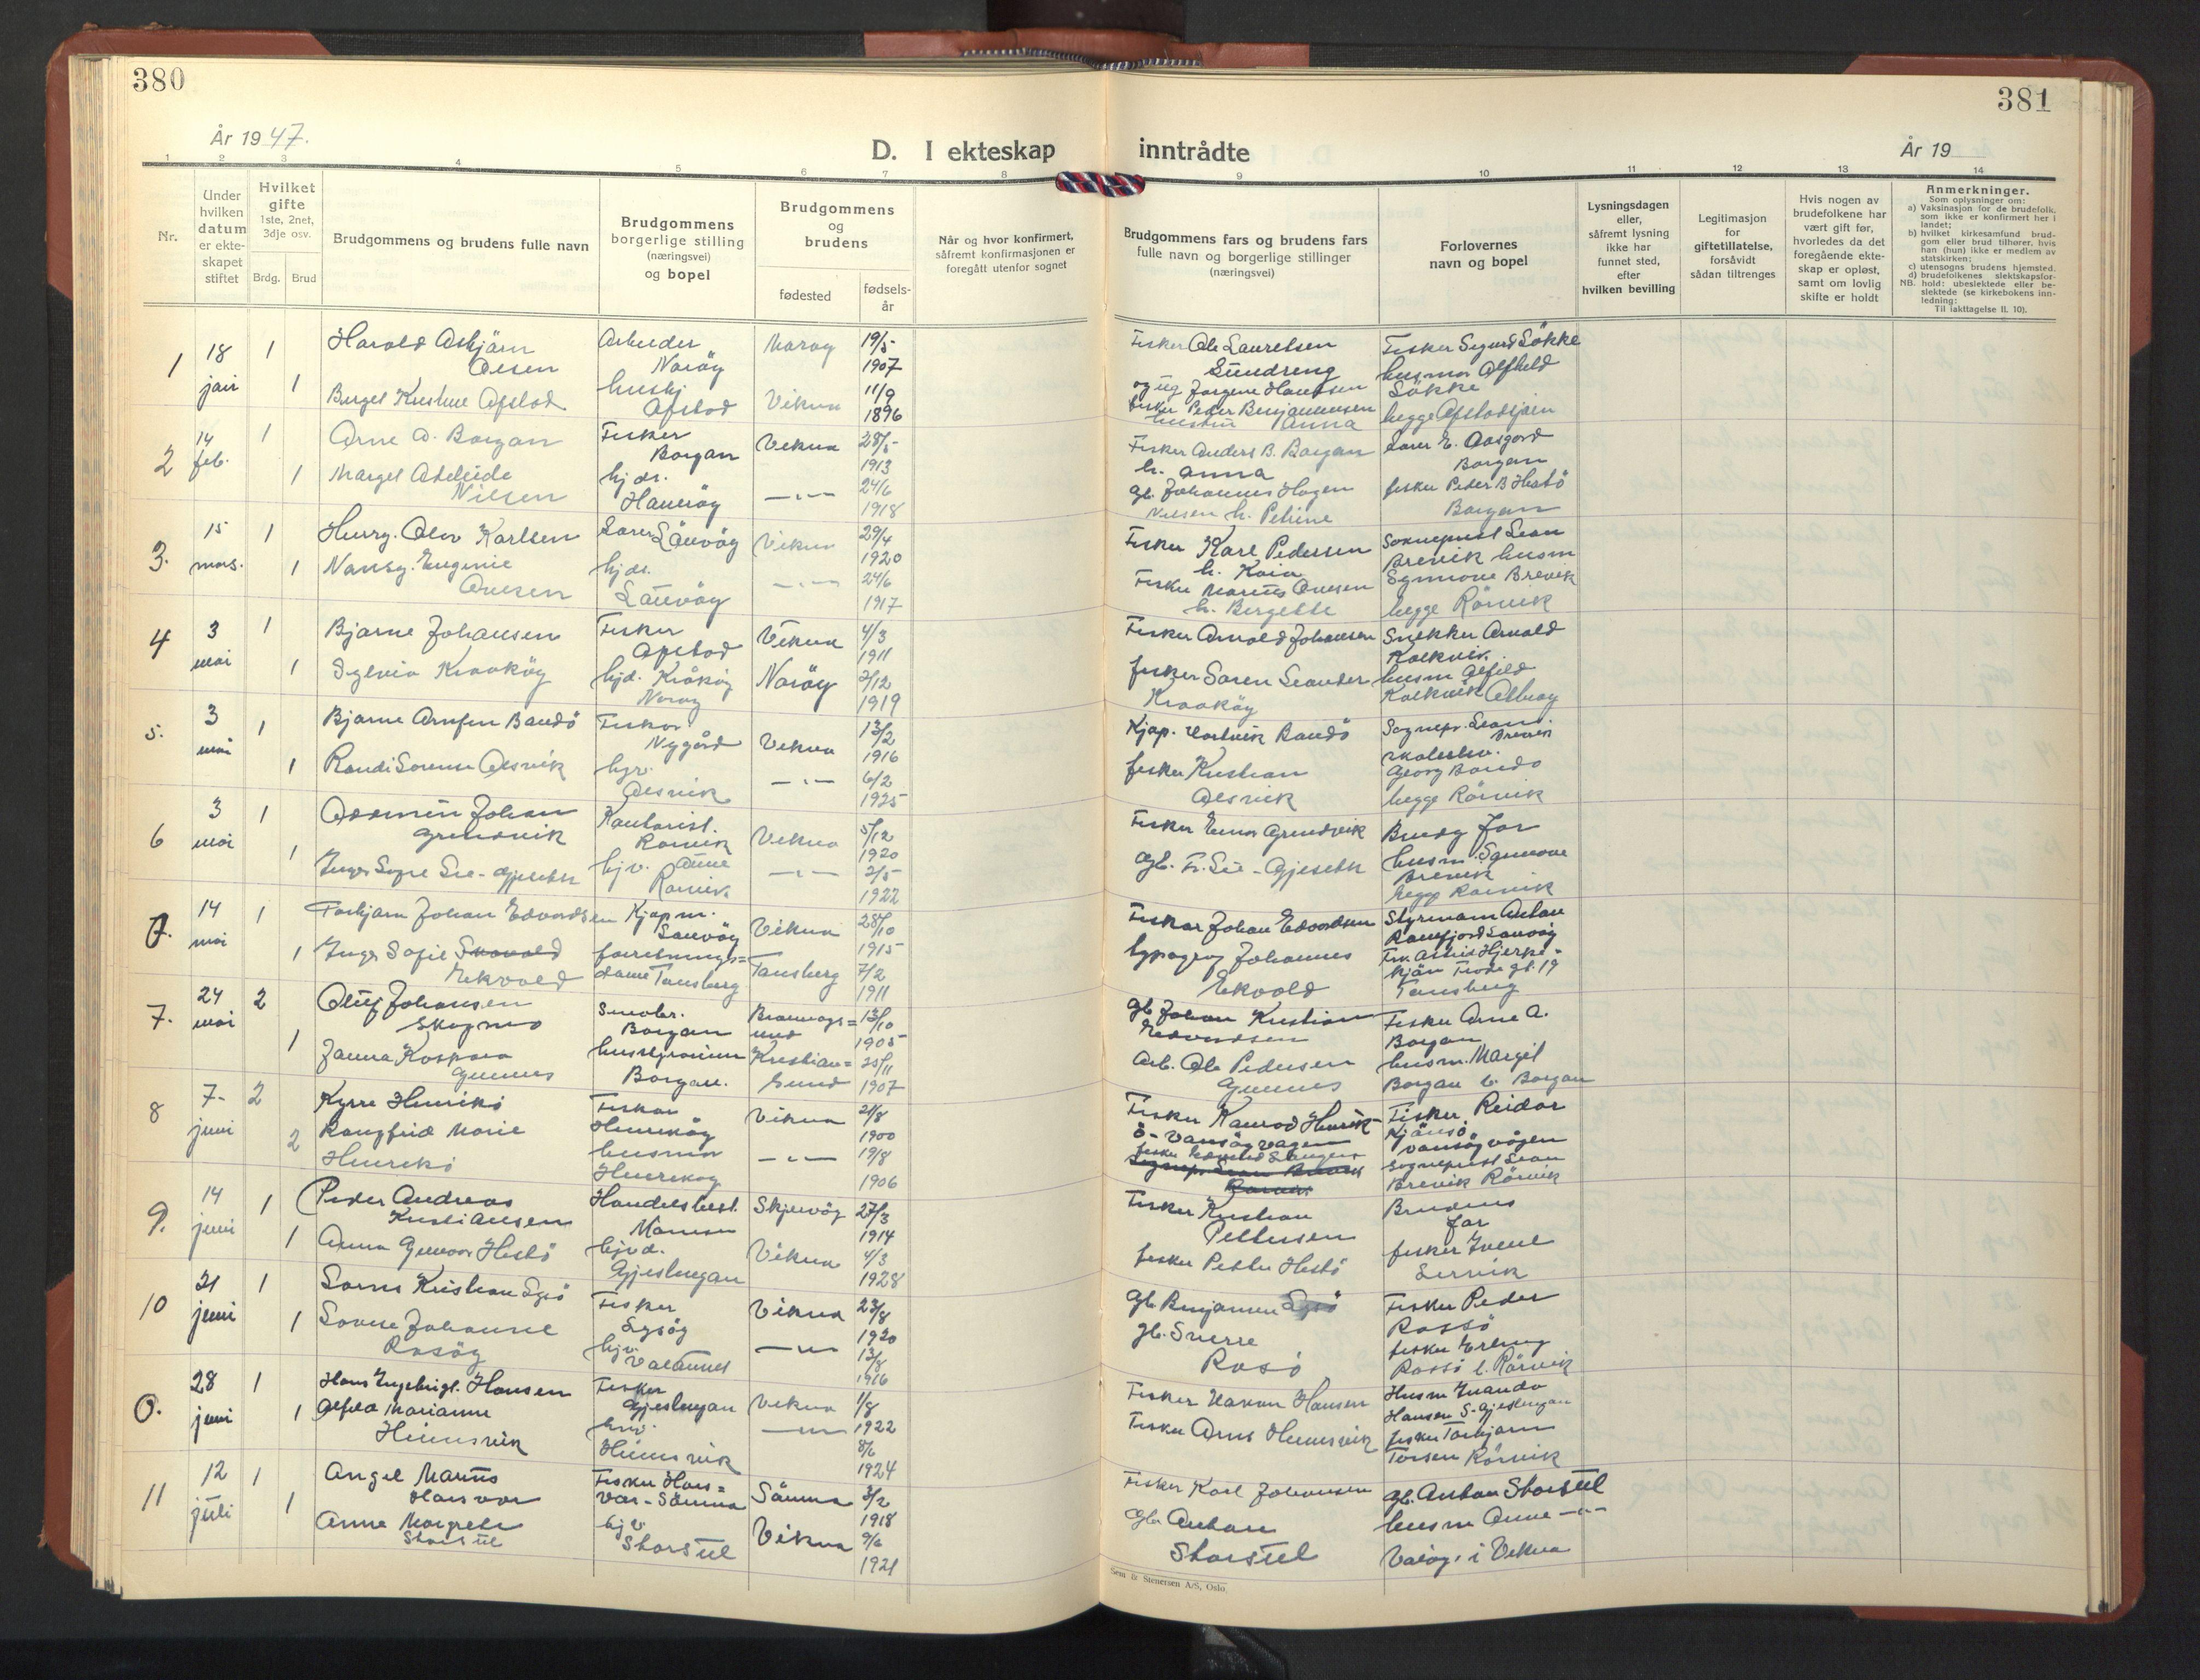 SAT, Ministerialprotokoller, klokkerbøker og fødselsregistre - Nord-Trøndelag, 786/L0689: Klokkerbok nr. 786C01, 1940-1948, s. 380-381